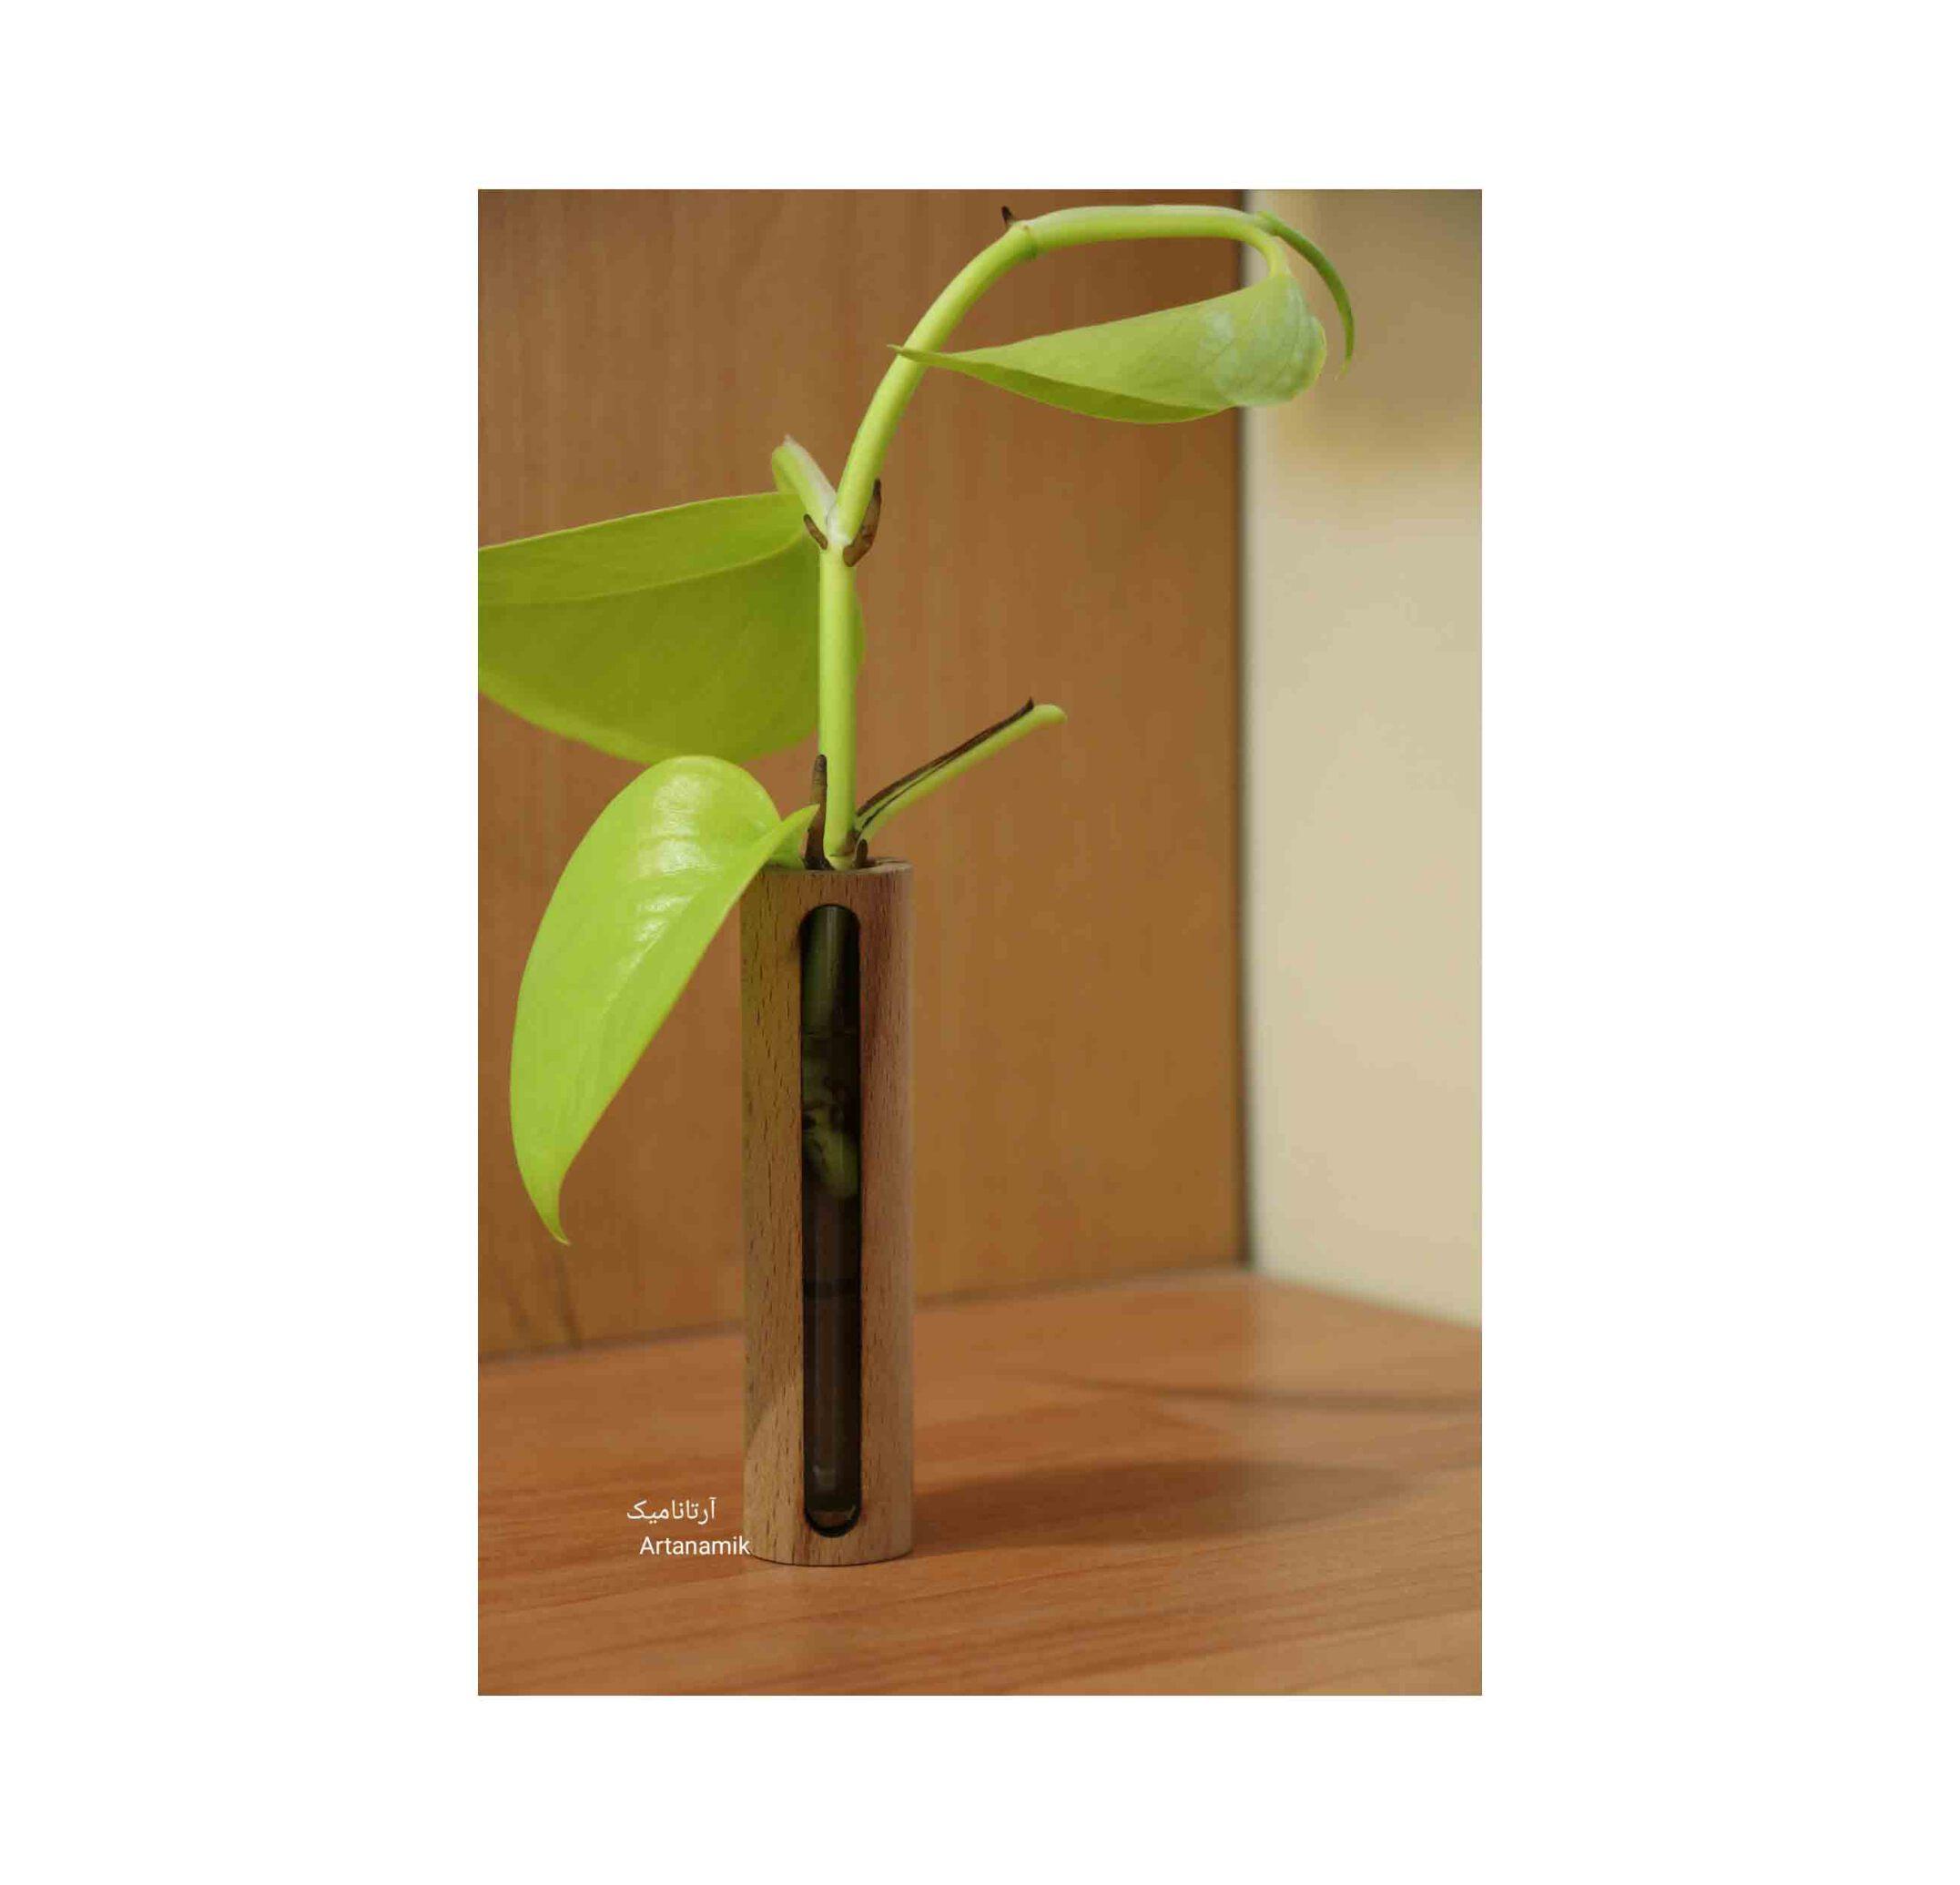 گلدان چوبی ساخته شده از چوب و شیشه مناسب گیاه پتوس، دارای نمایشگر آب